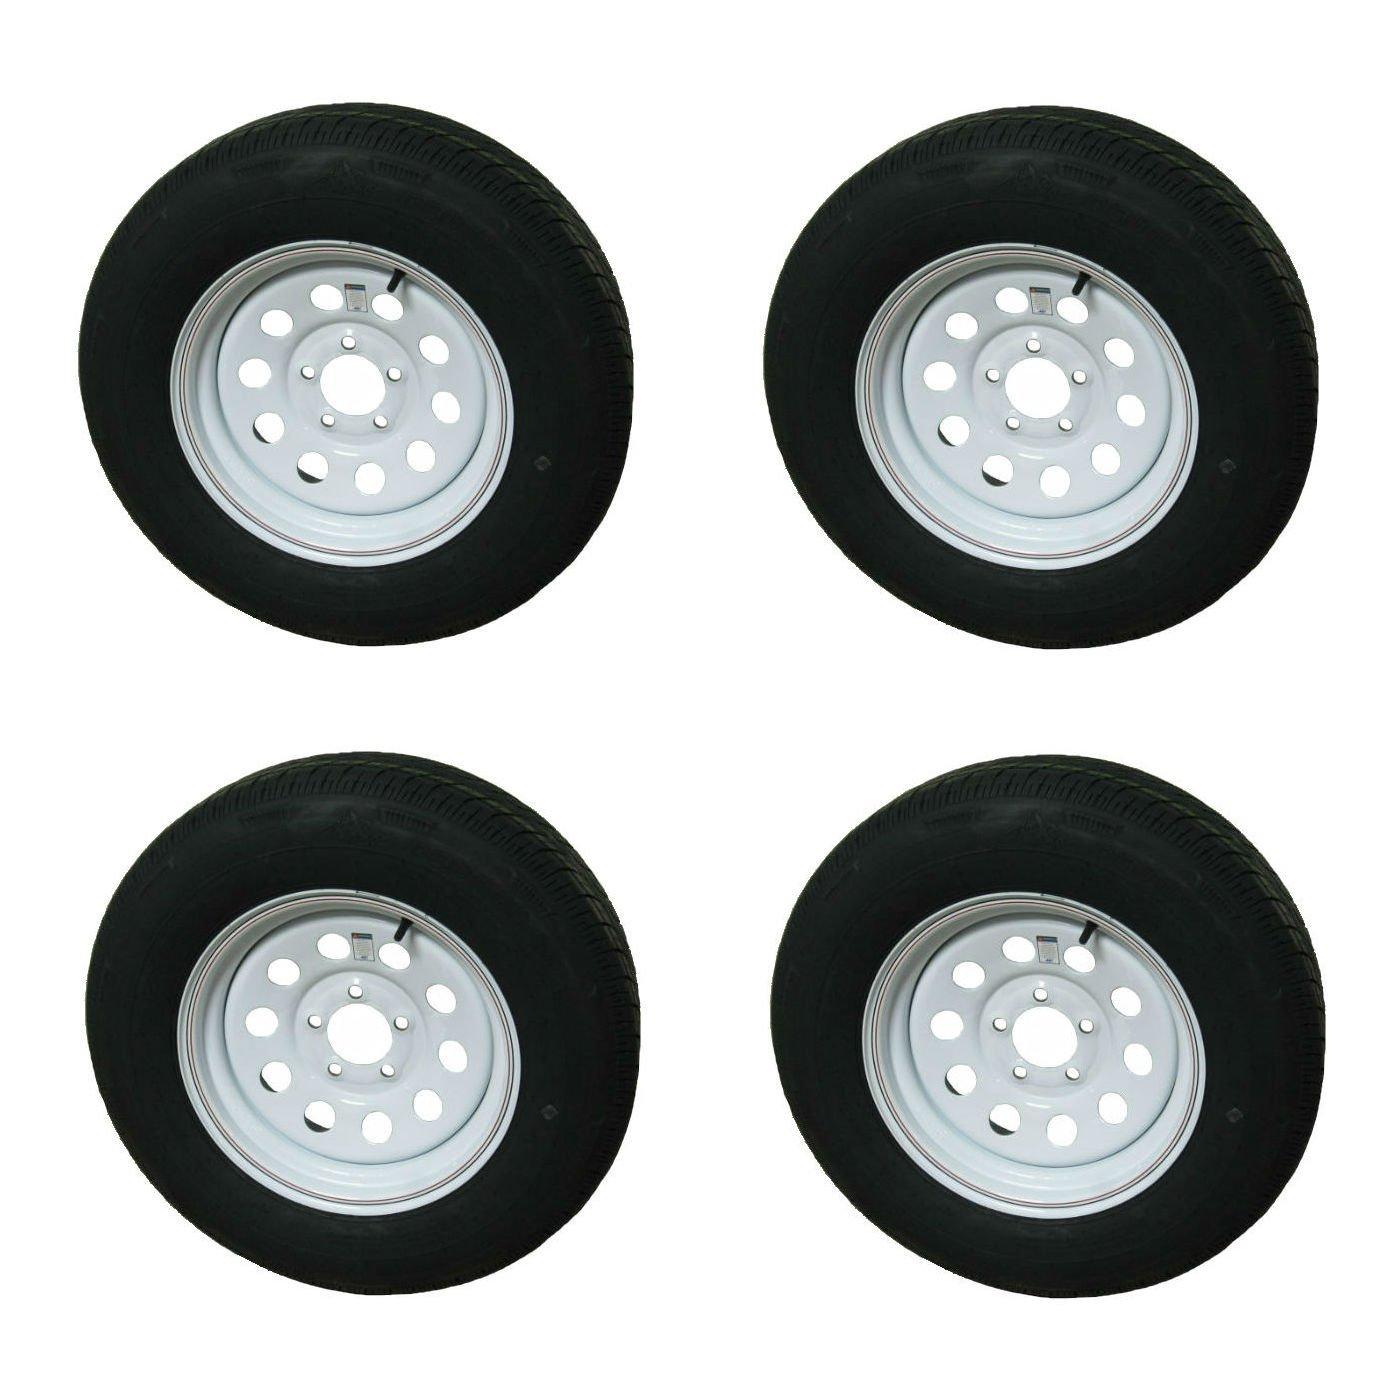 4 pack - Rainier ST205/75R15 LRD Radial Trailer Tires & Wheels White Mod w/ Stripes 5-4.5